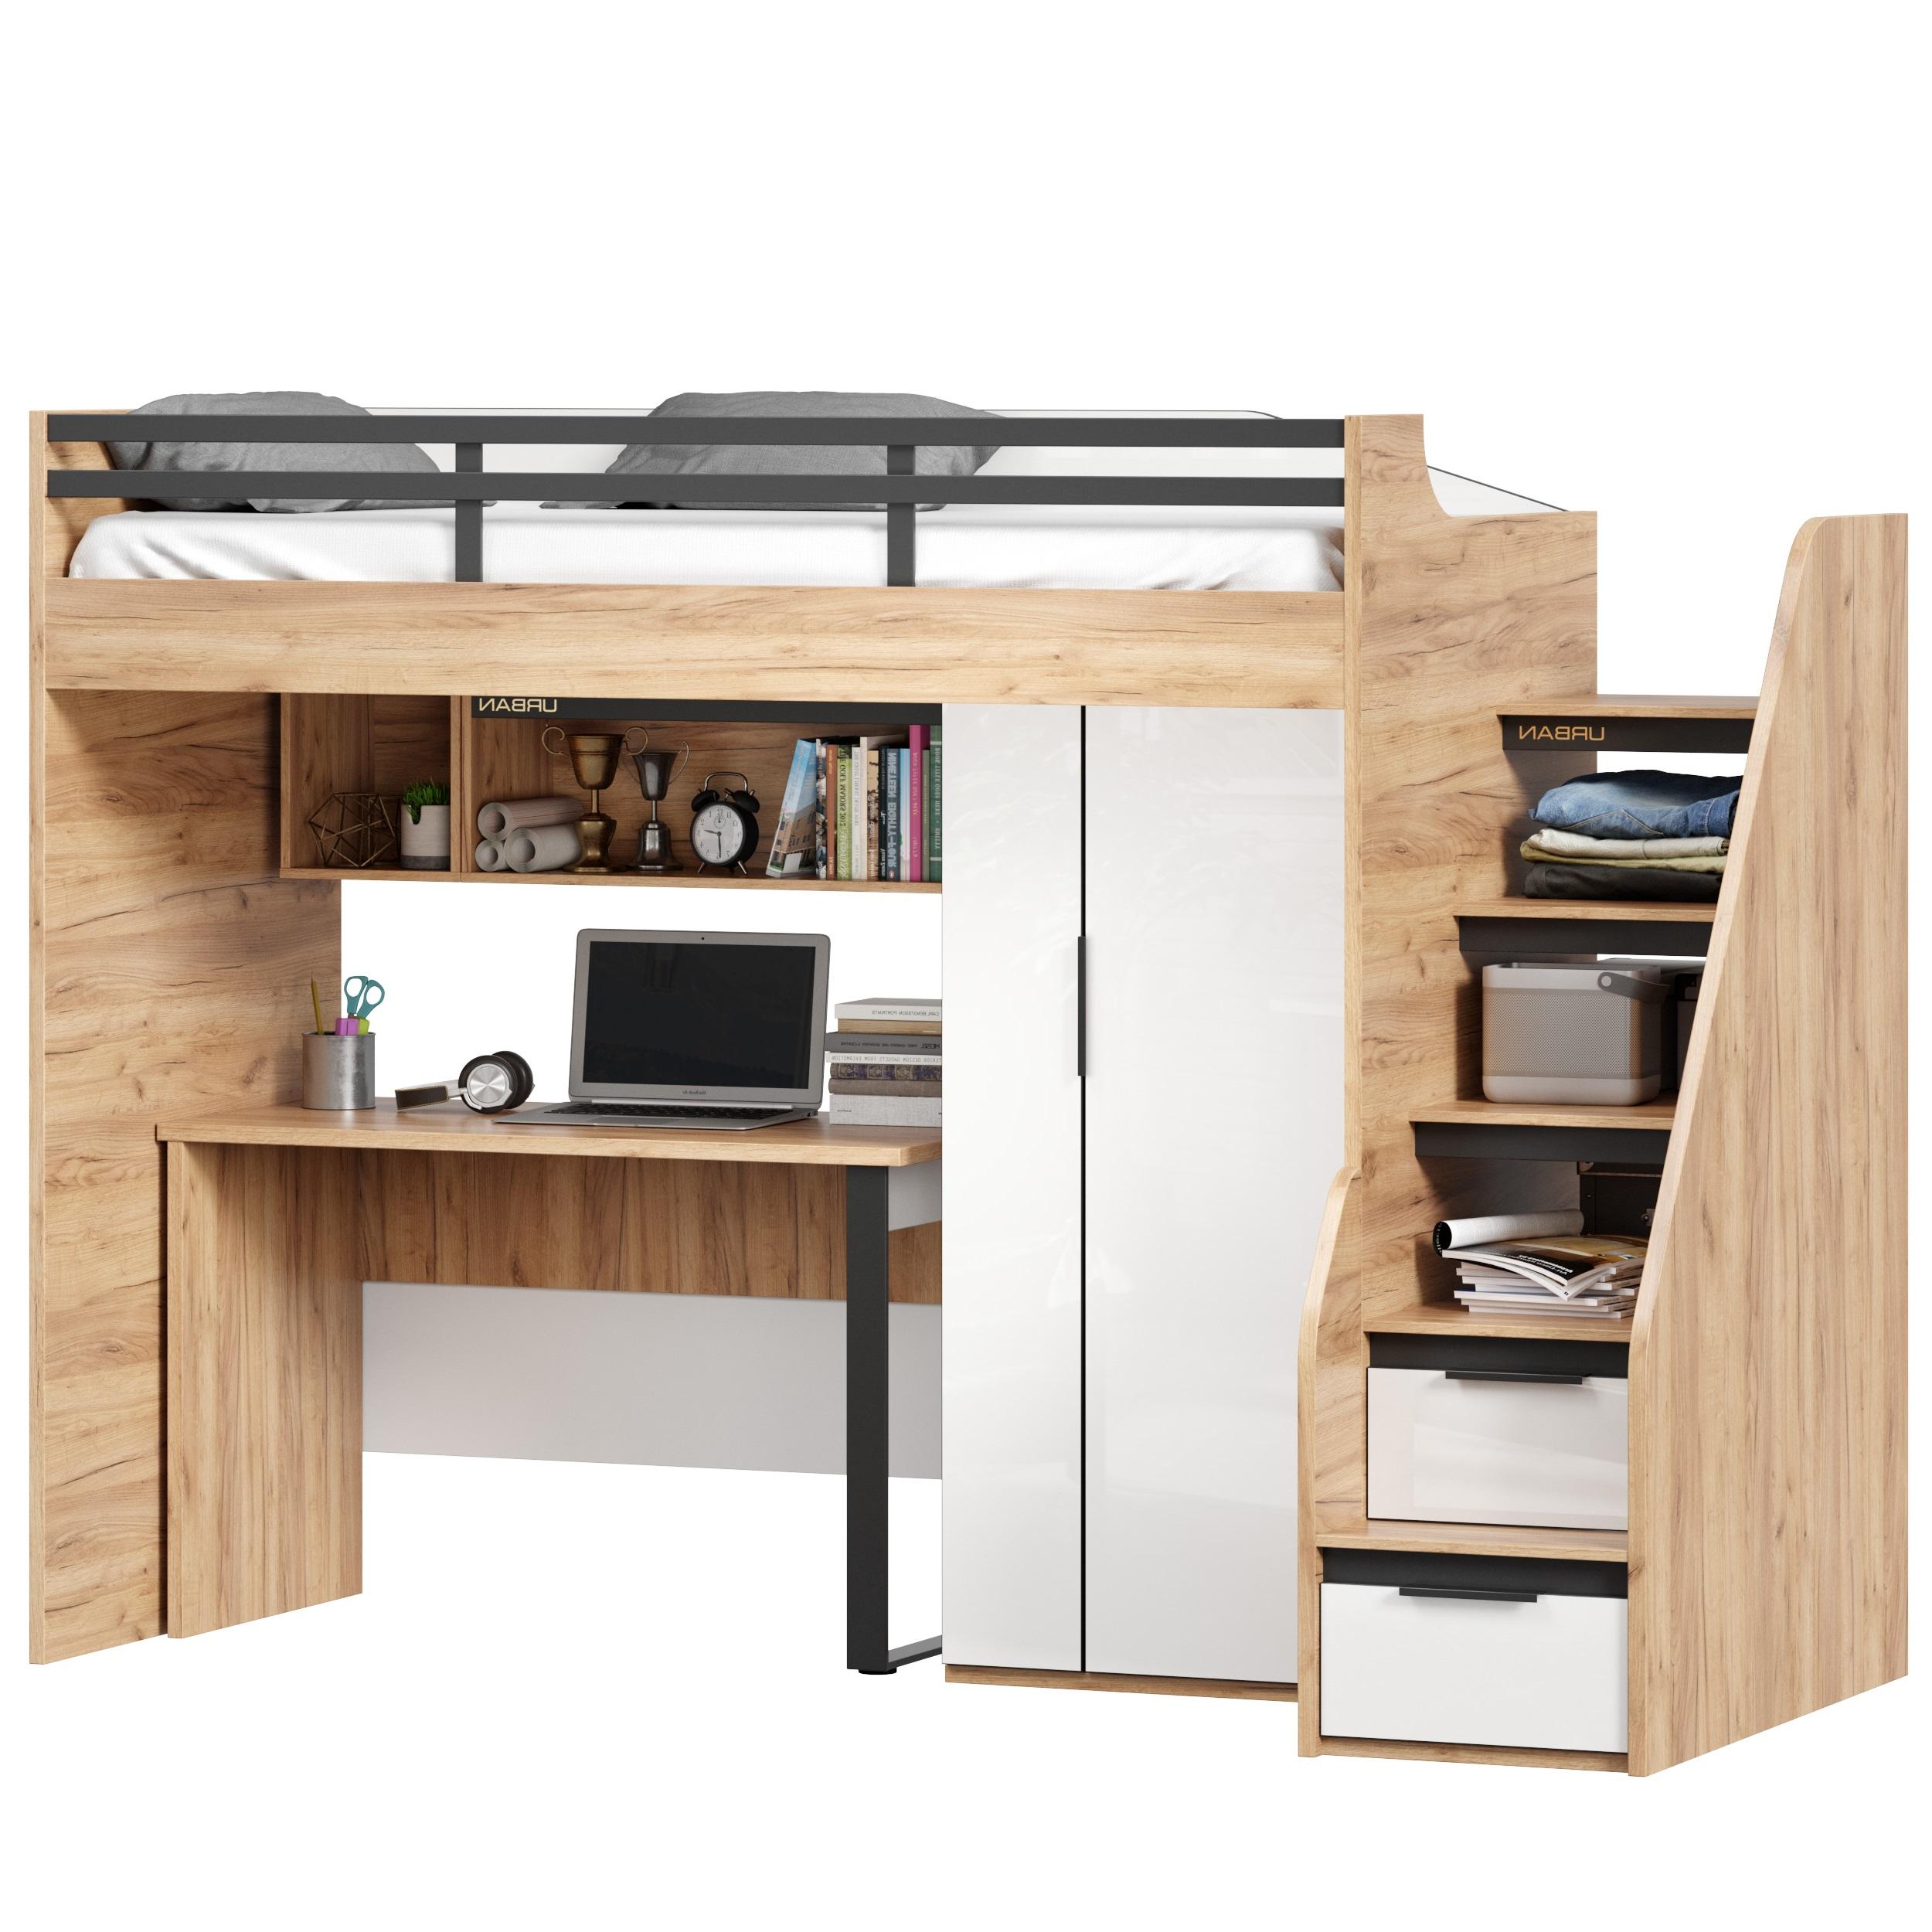 Lubidom Hochbett Urban mit Schreibtisch Rechts